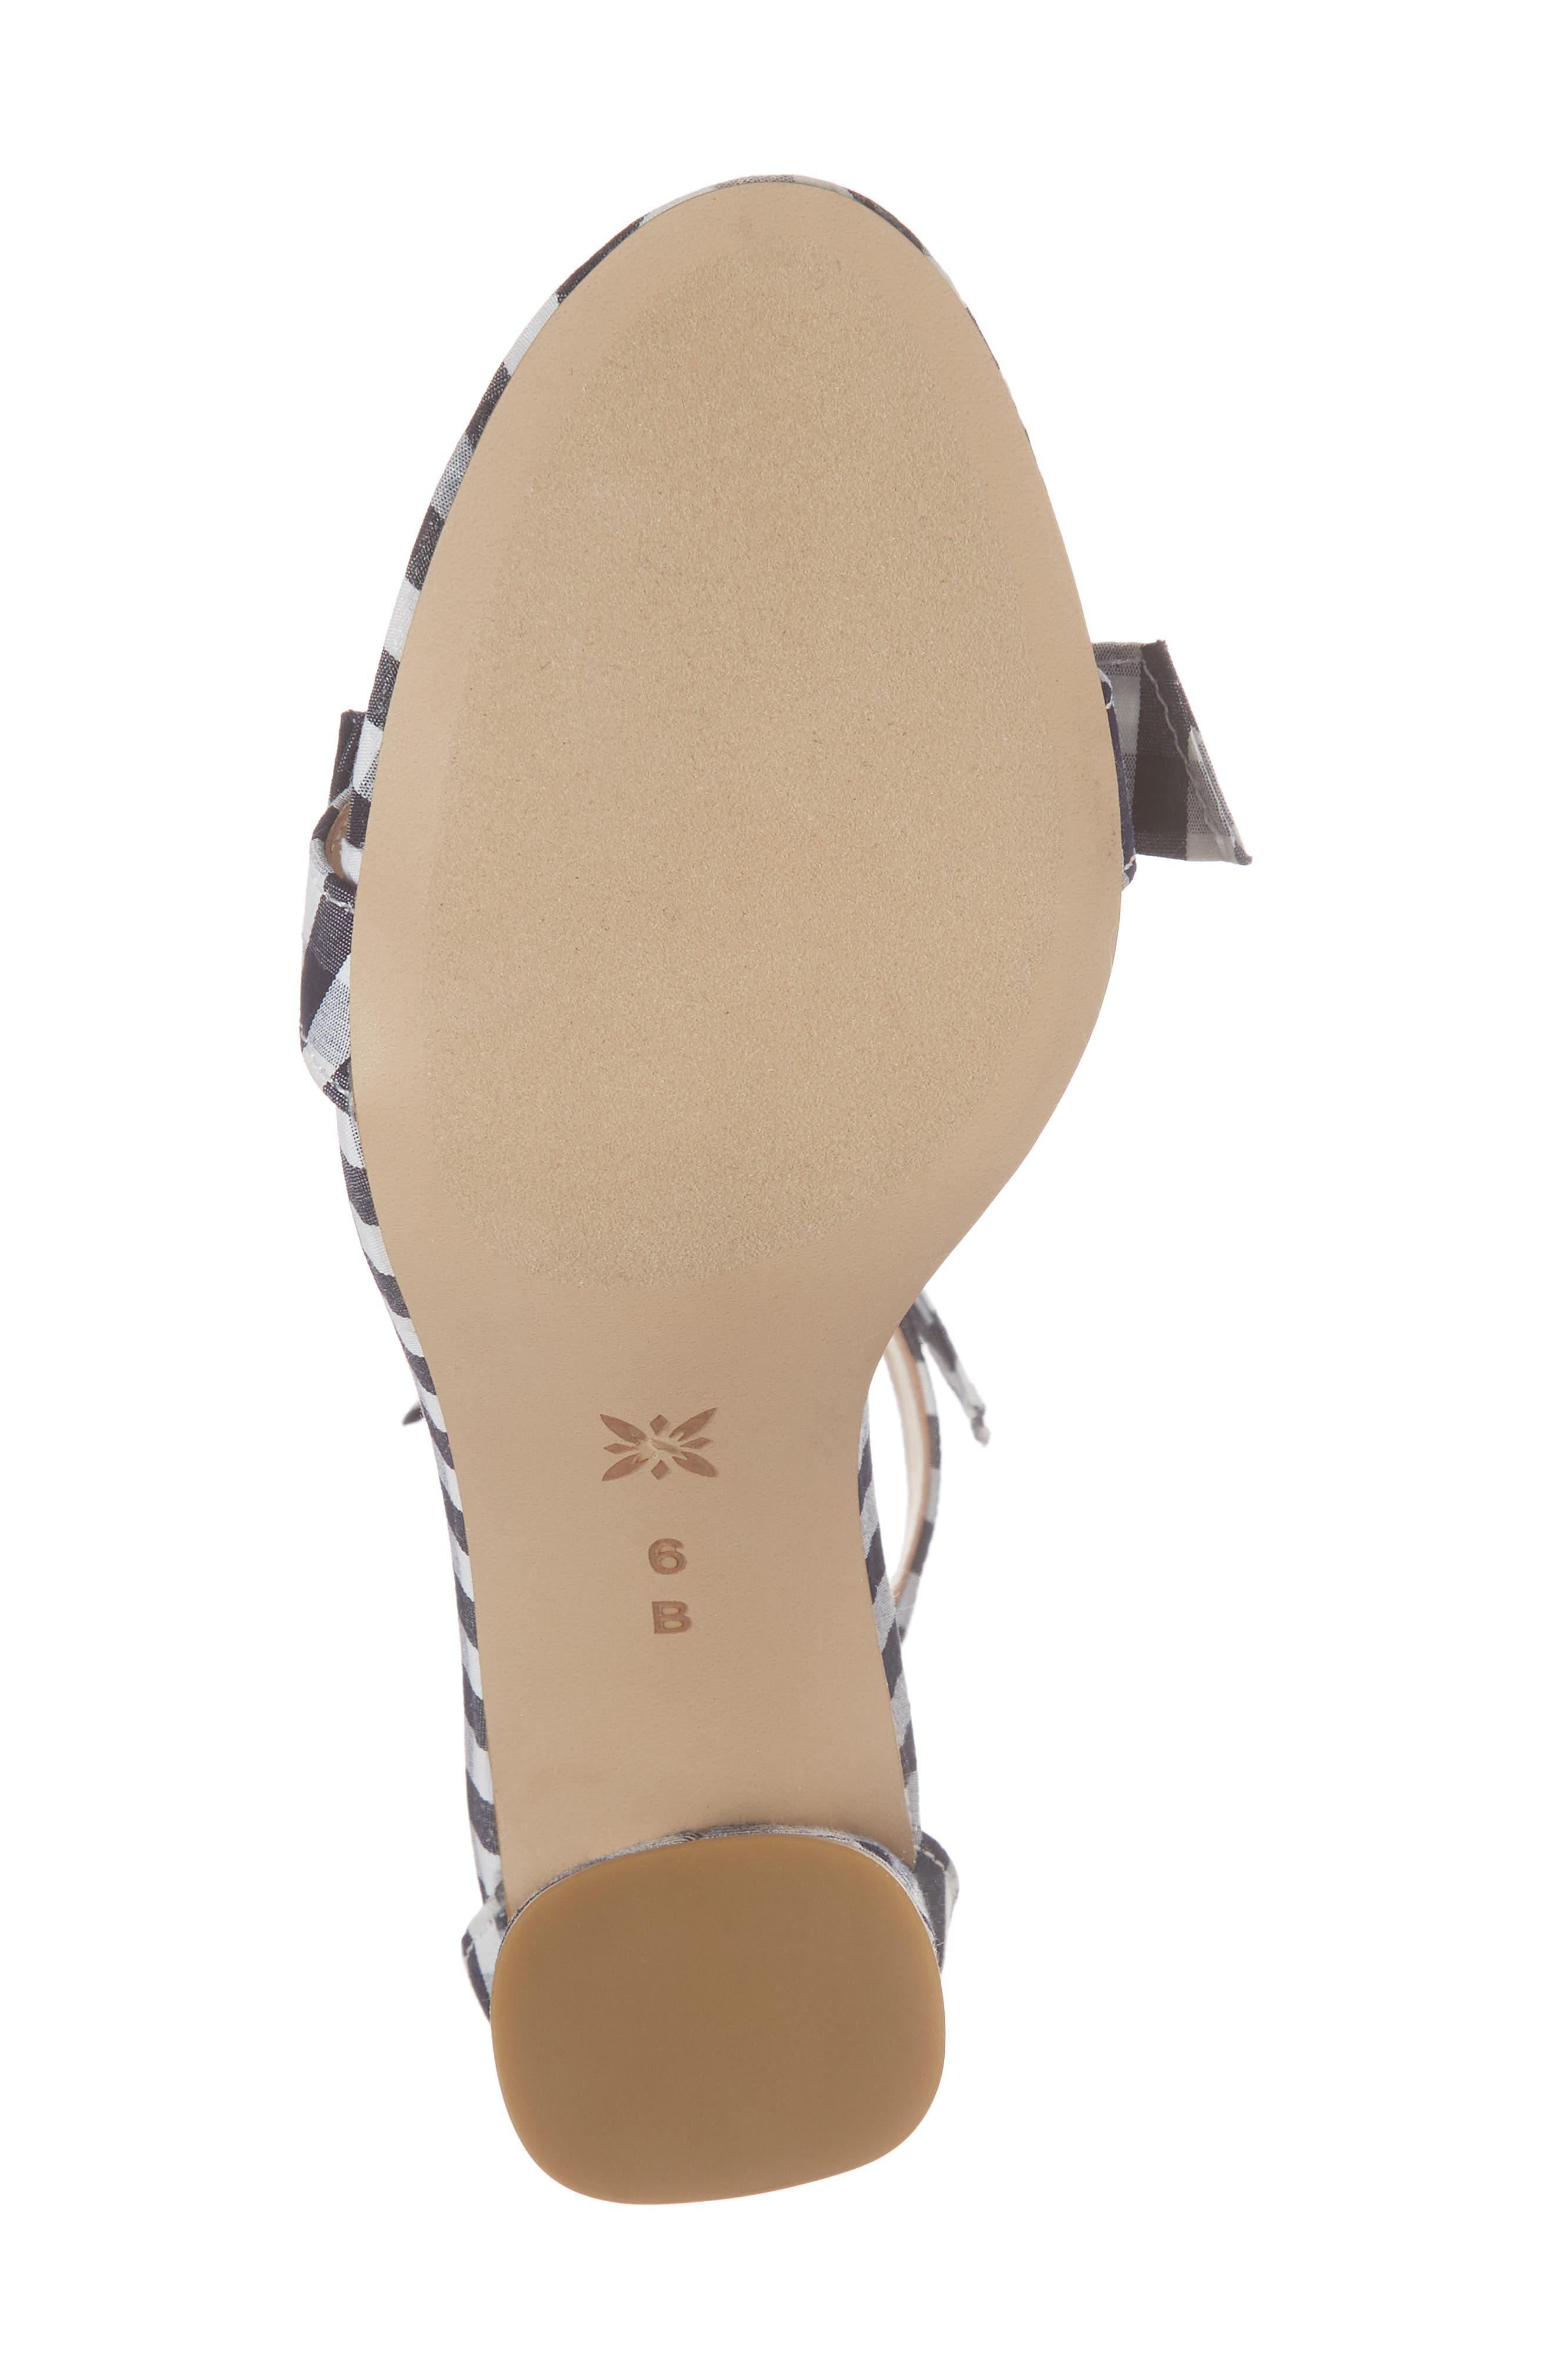 Faedra Ankle Strap Sandal,                             Alternate thumbnail 6, color,                             Dark Blue/ White